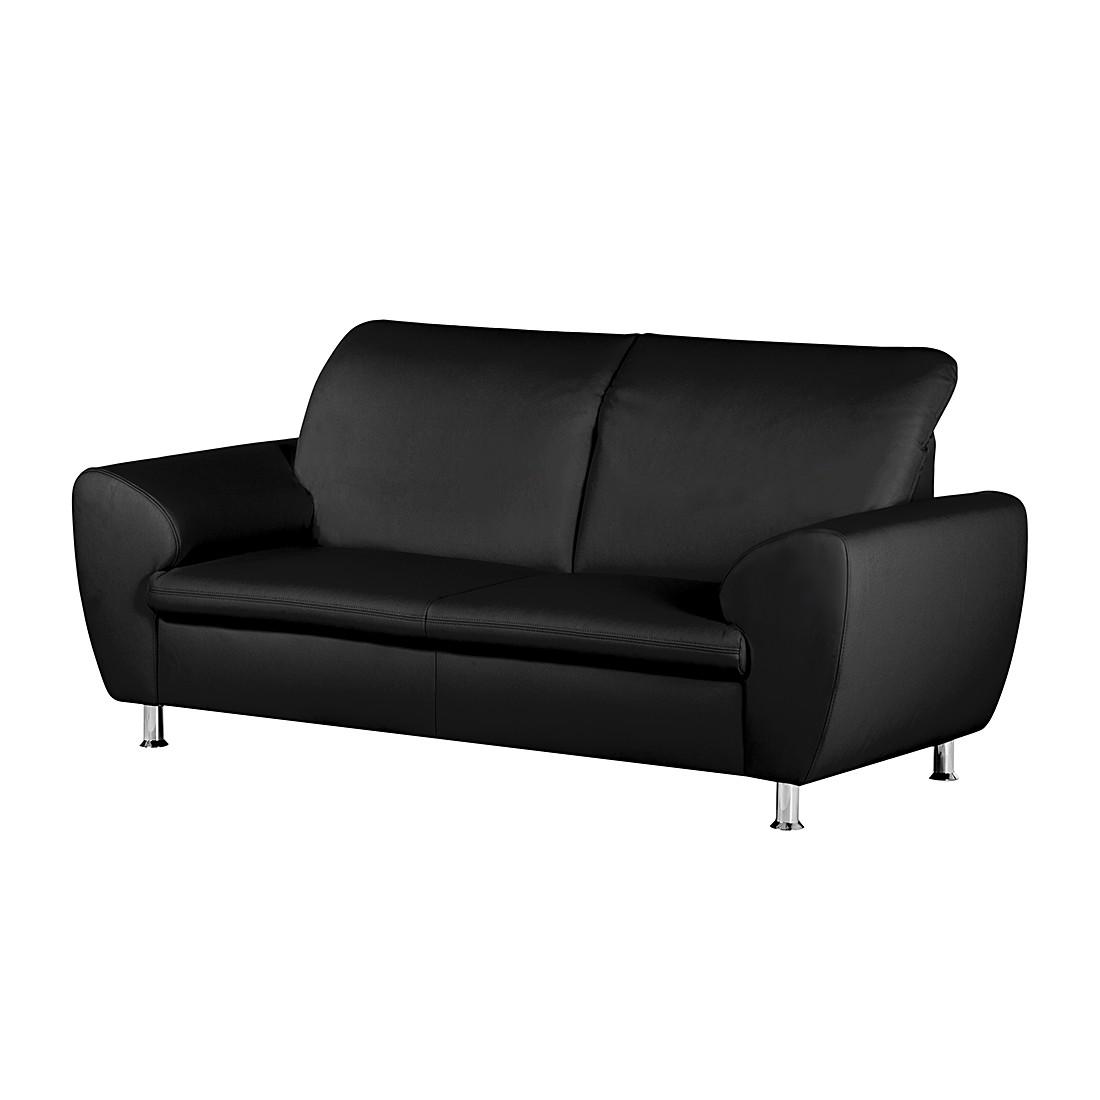 sofa aras 2 sitzer kunstleder schwarz fredriks kaufen. Black Bedroom Furniture Sets. Home Design Ideas